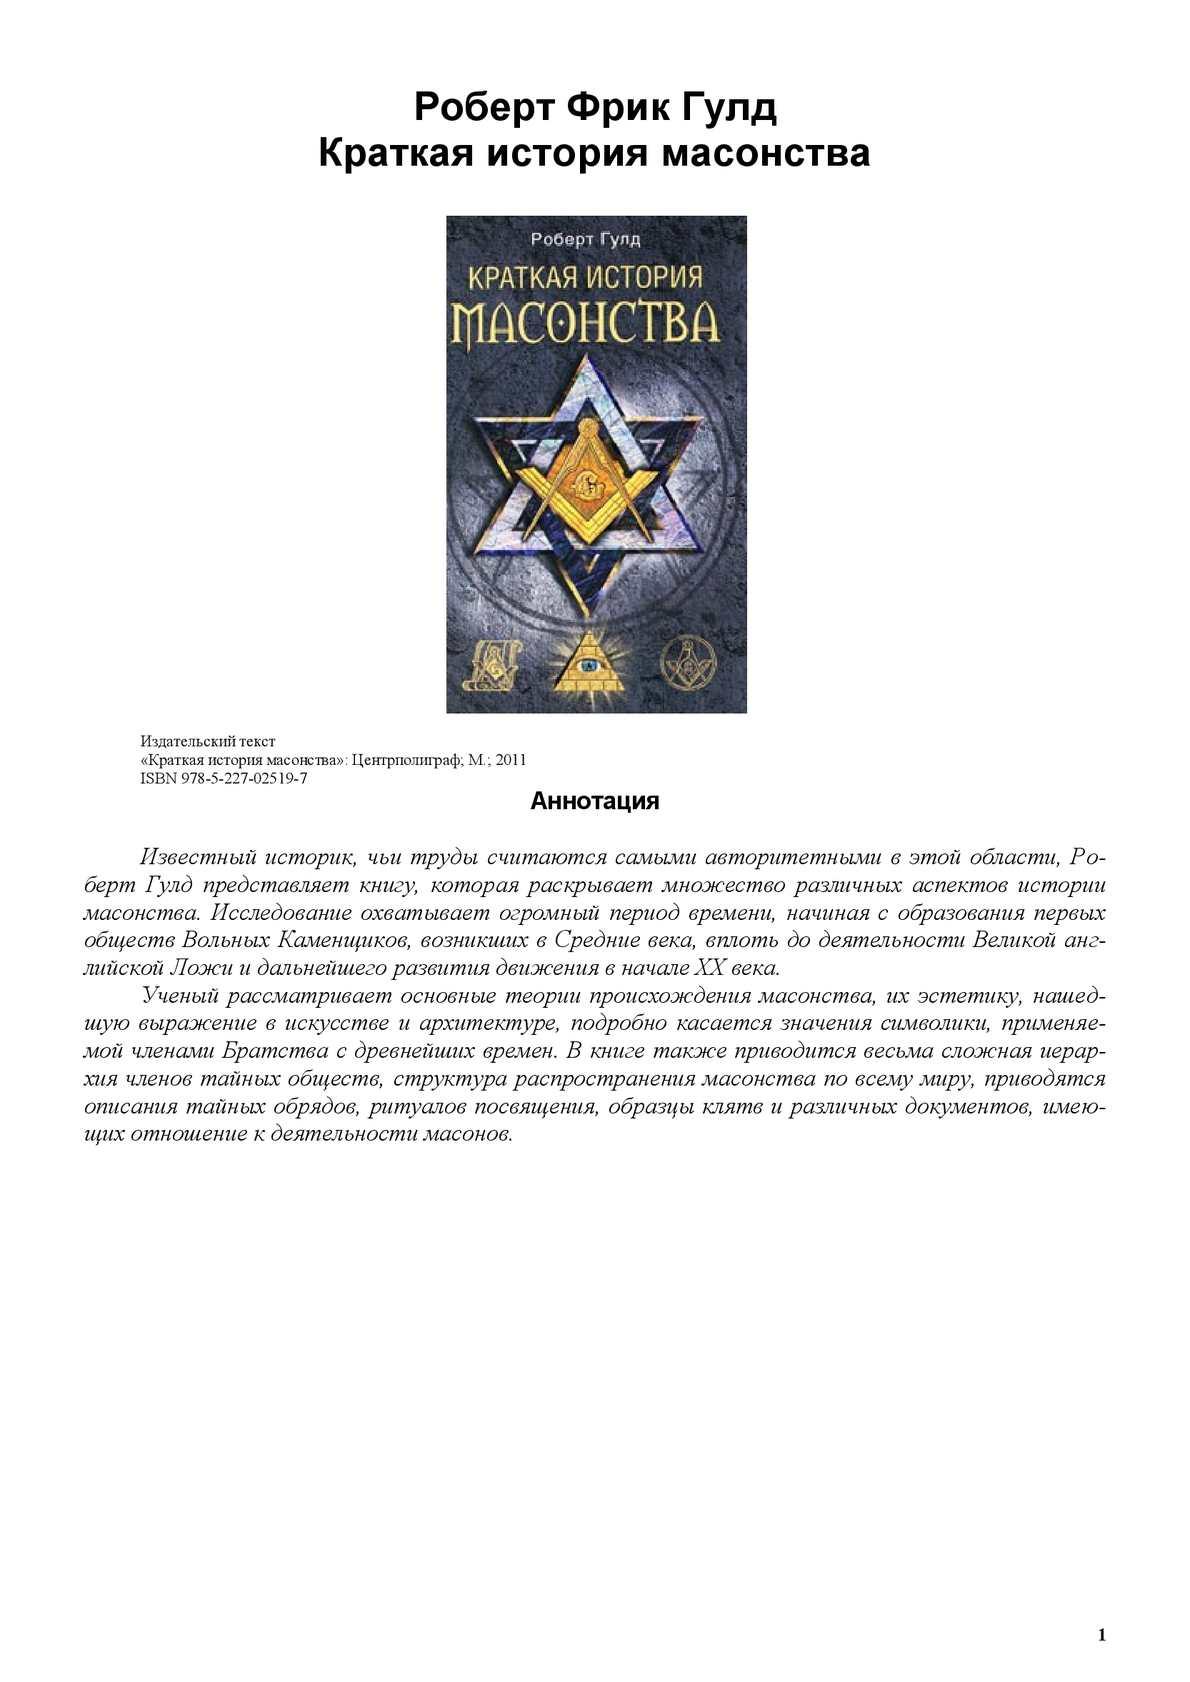 Лионский клуб как чассть масонства